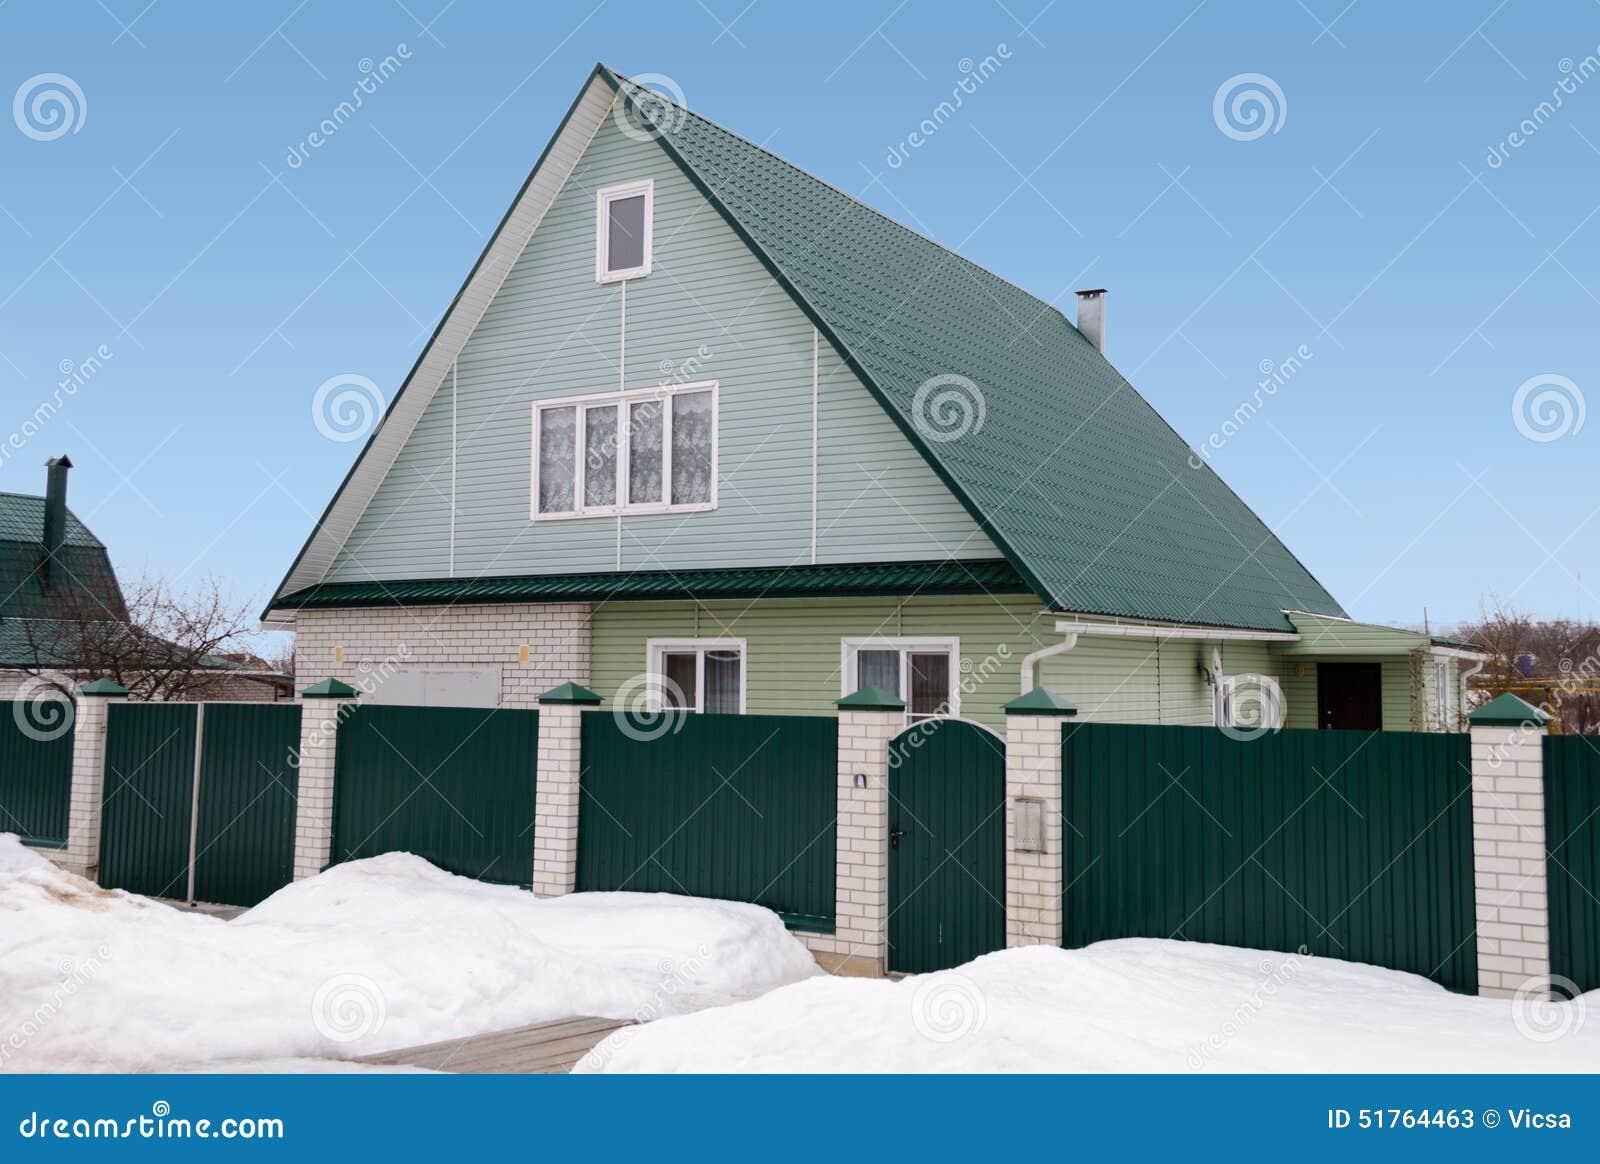 Nouvelle maison de campagne avec la mansarde et le toit for Www conception de la nouvelle maison